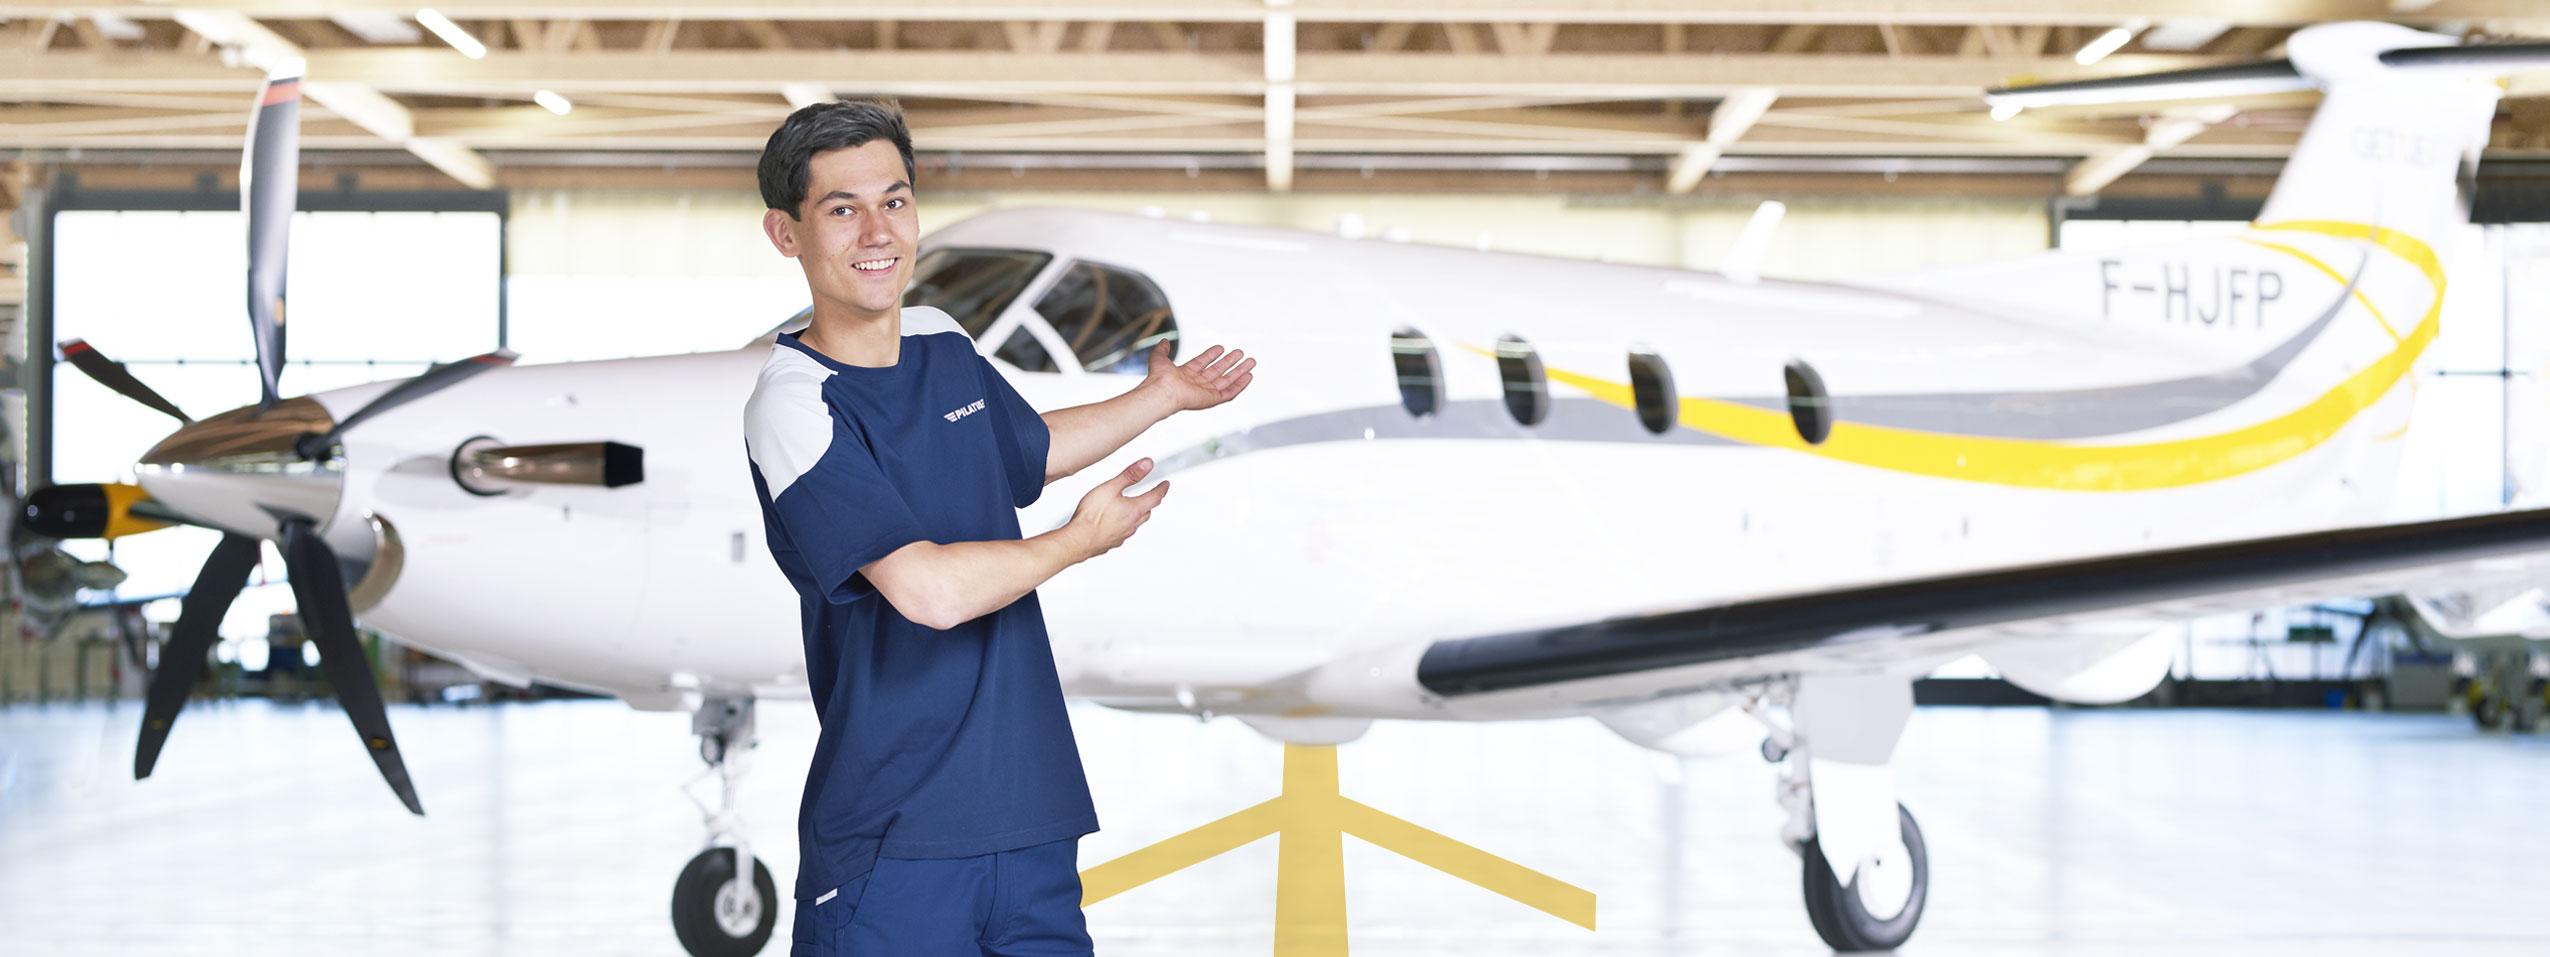 Lehrstelle als logistiker efz m w pilatus flugzeugwerke ag for Lehrstelle als innendekorateurin